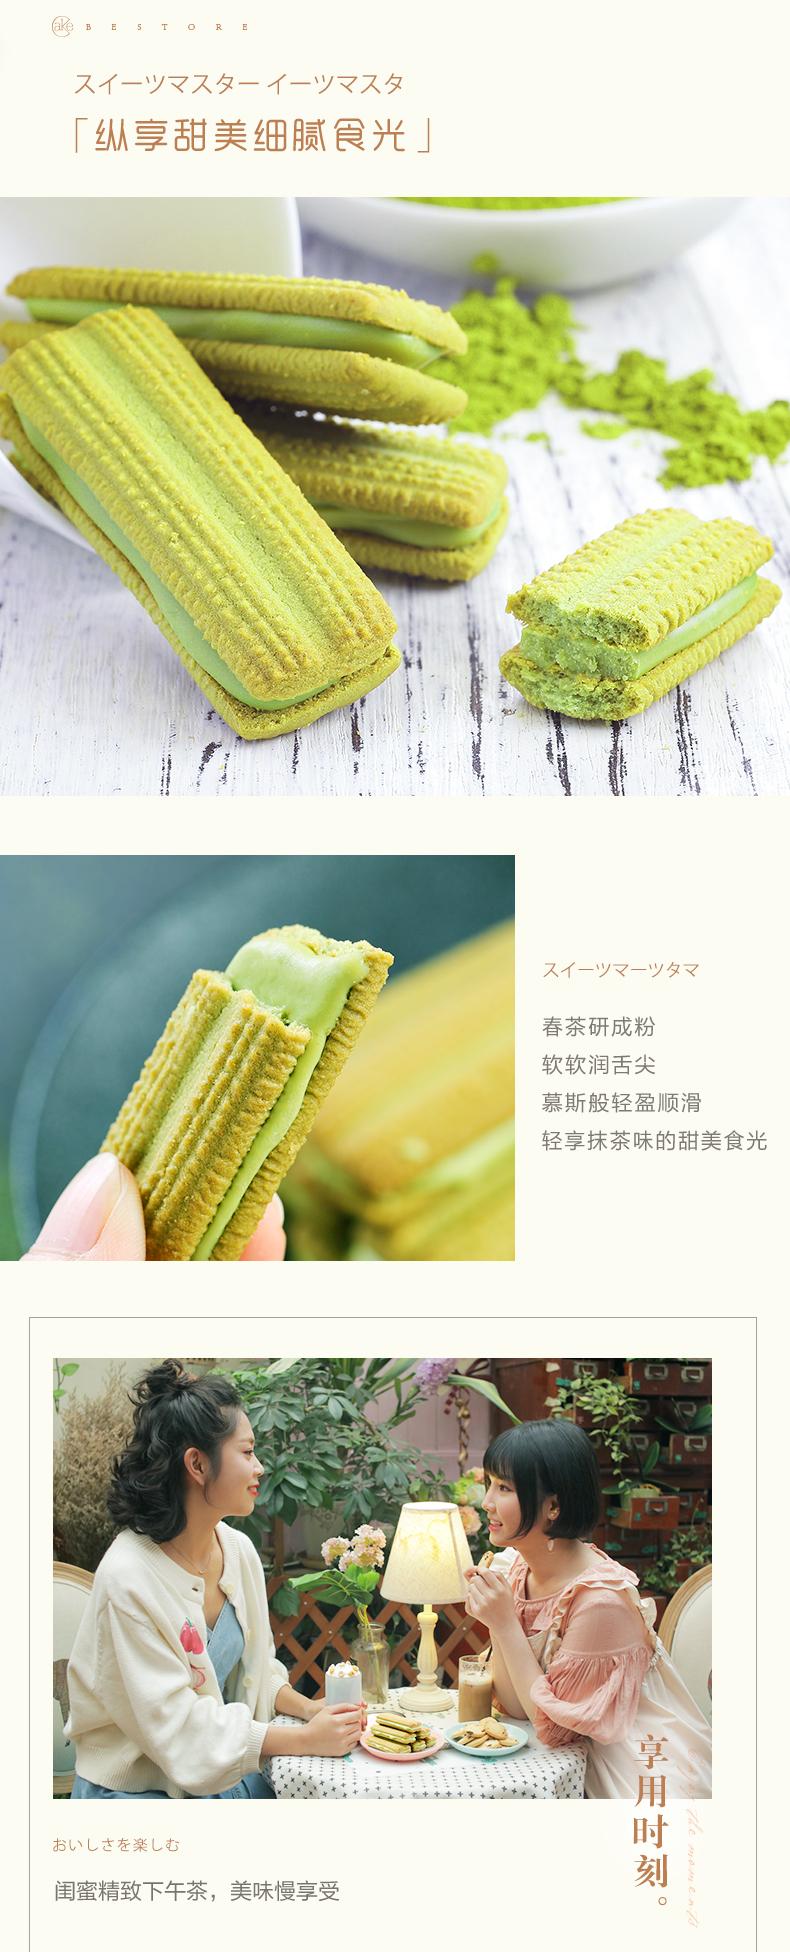 【良品铺子抹茶夹心饼干盒】抹茶味曲奇饼干网红零食品详细照片